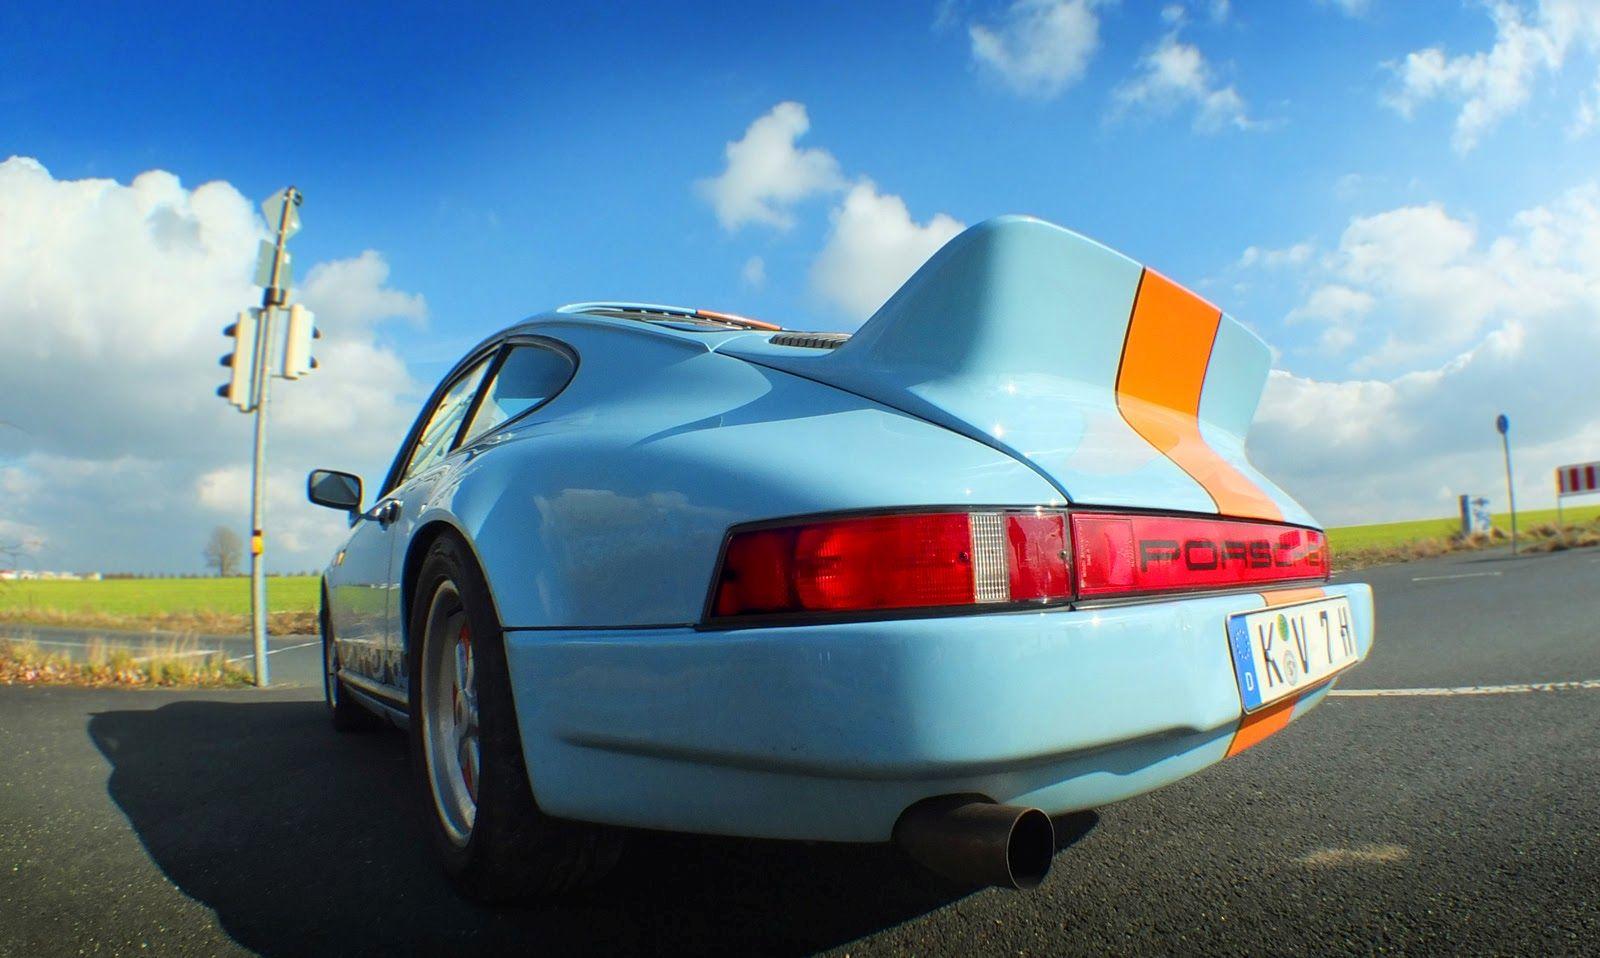 Wertgutachten und Unfallgutachten für Porsche in Hannover